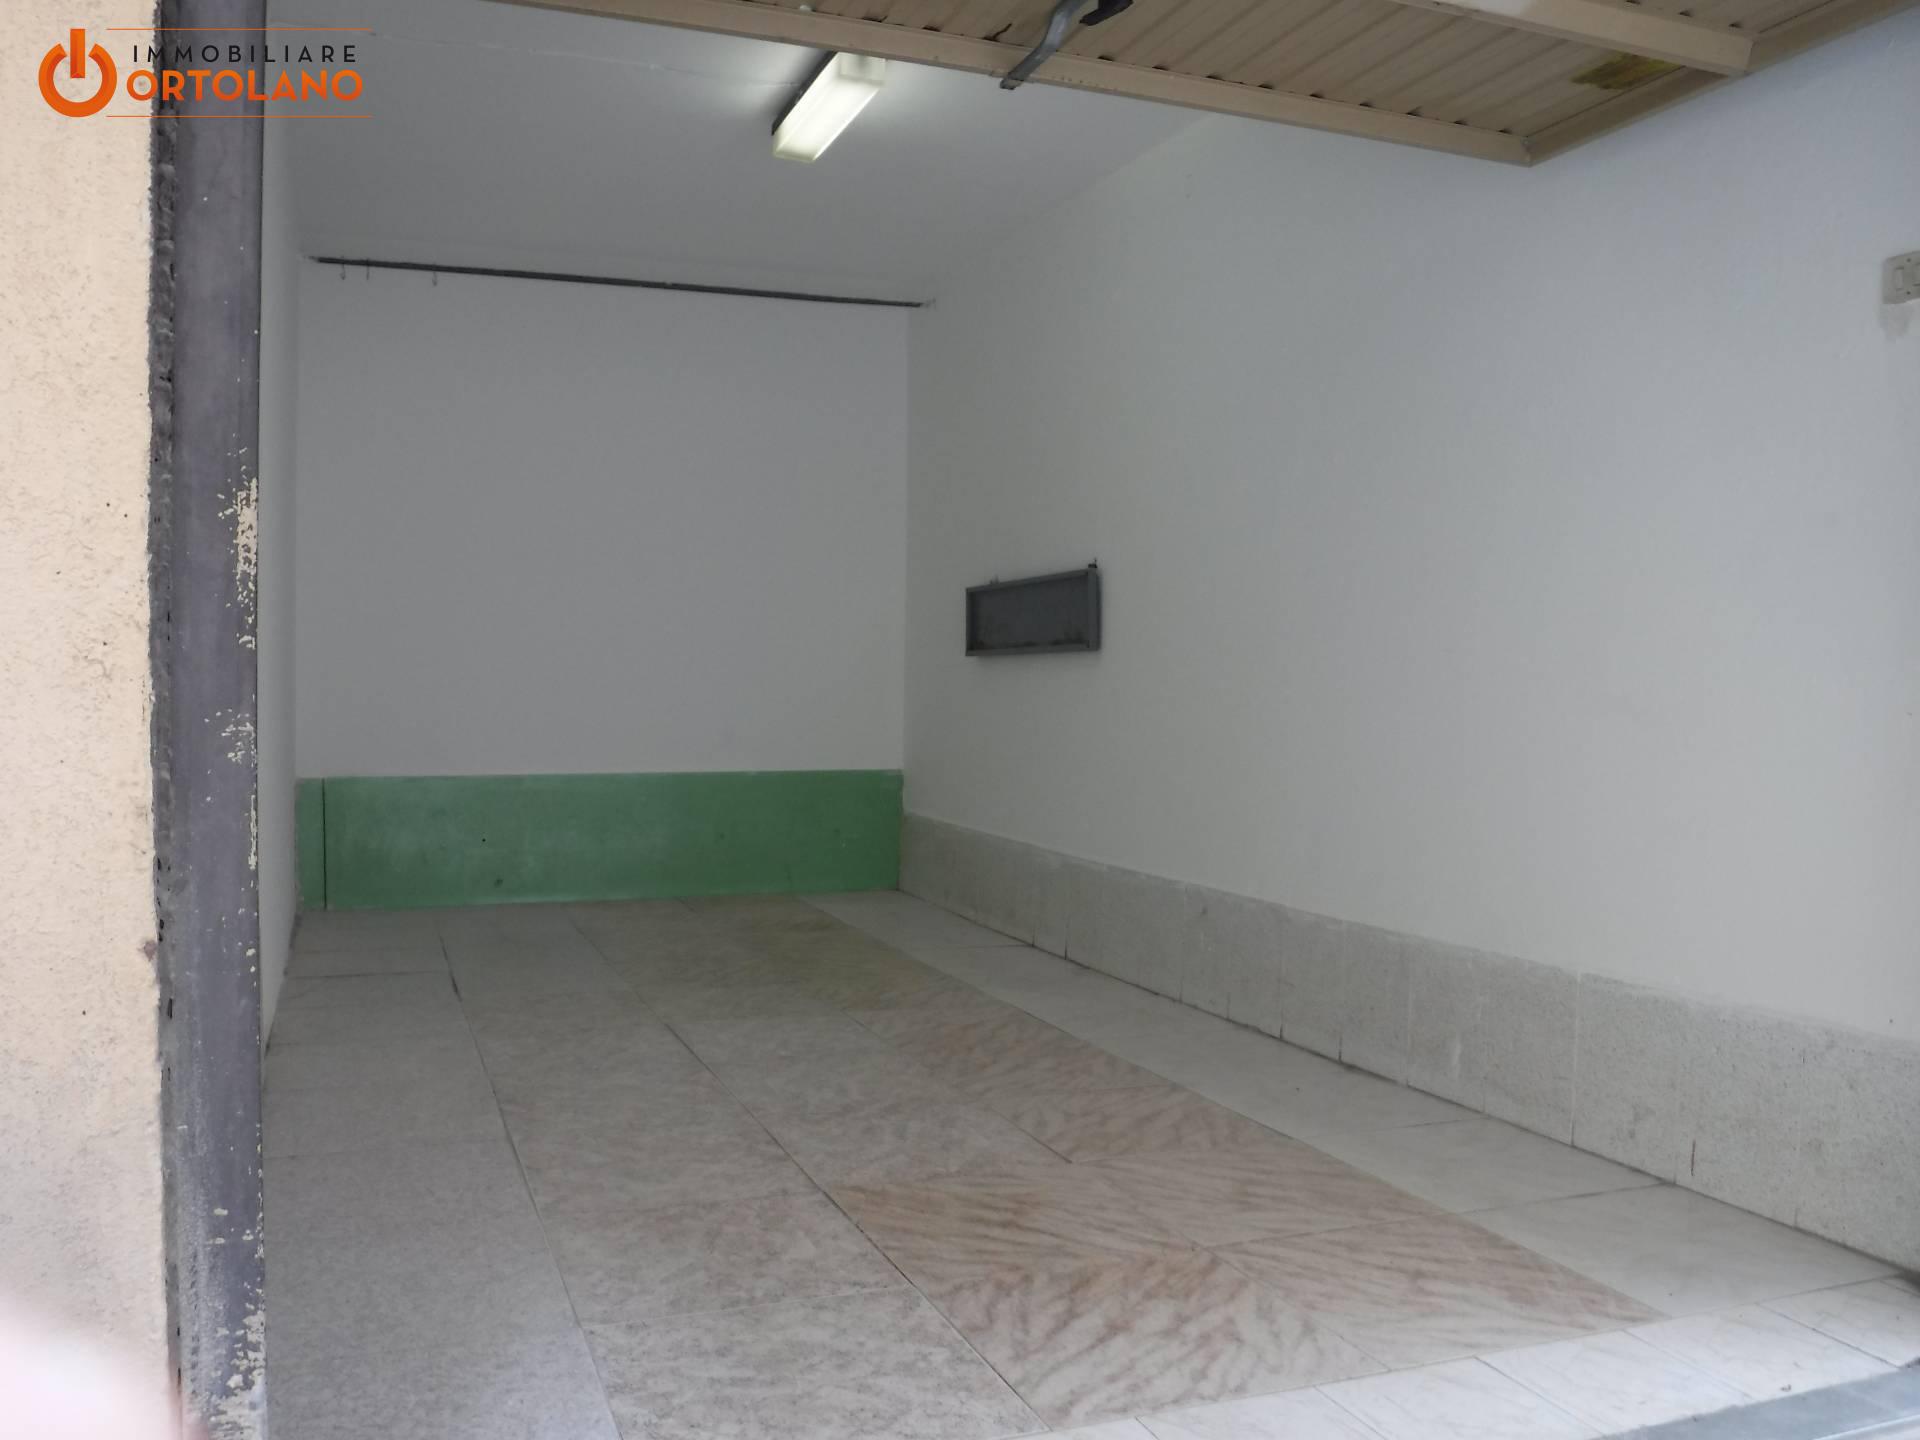 Agriturismo in vendita a Monfalcone, 1 locali, prezzo € 10.000 | CambioCasa.it